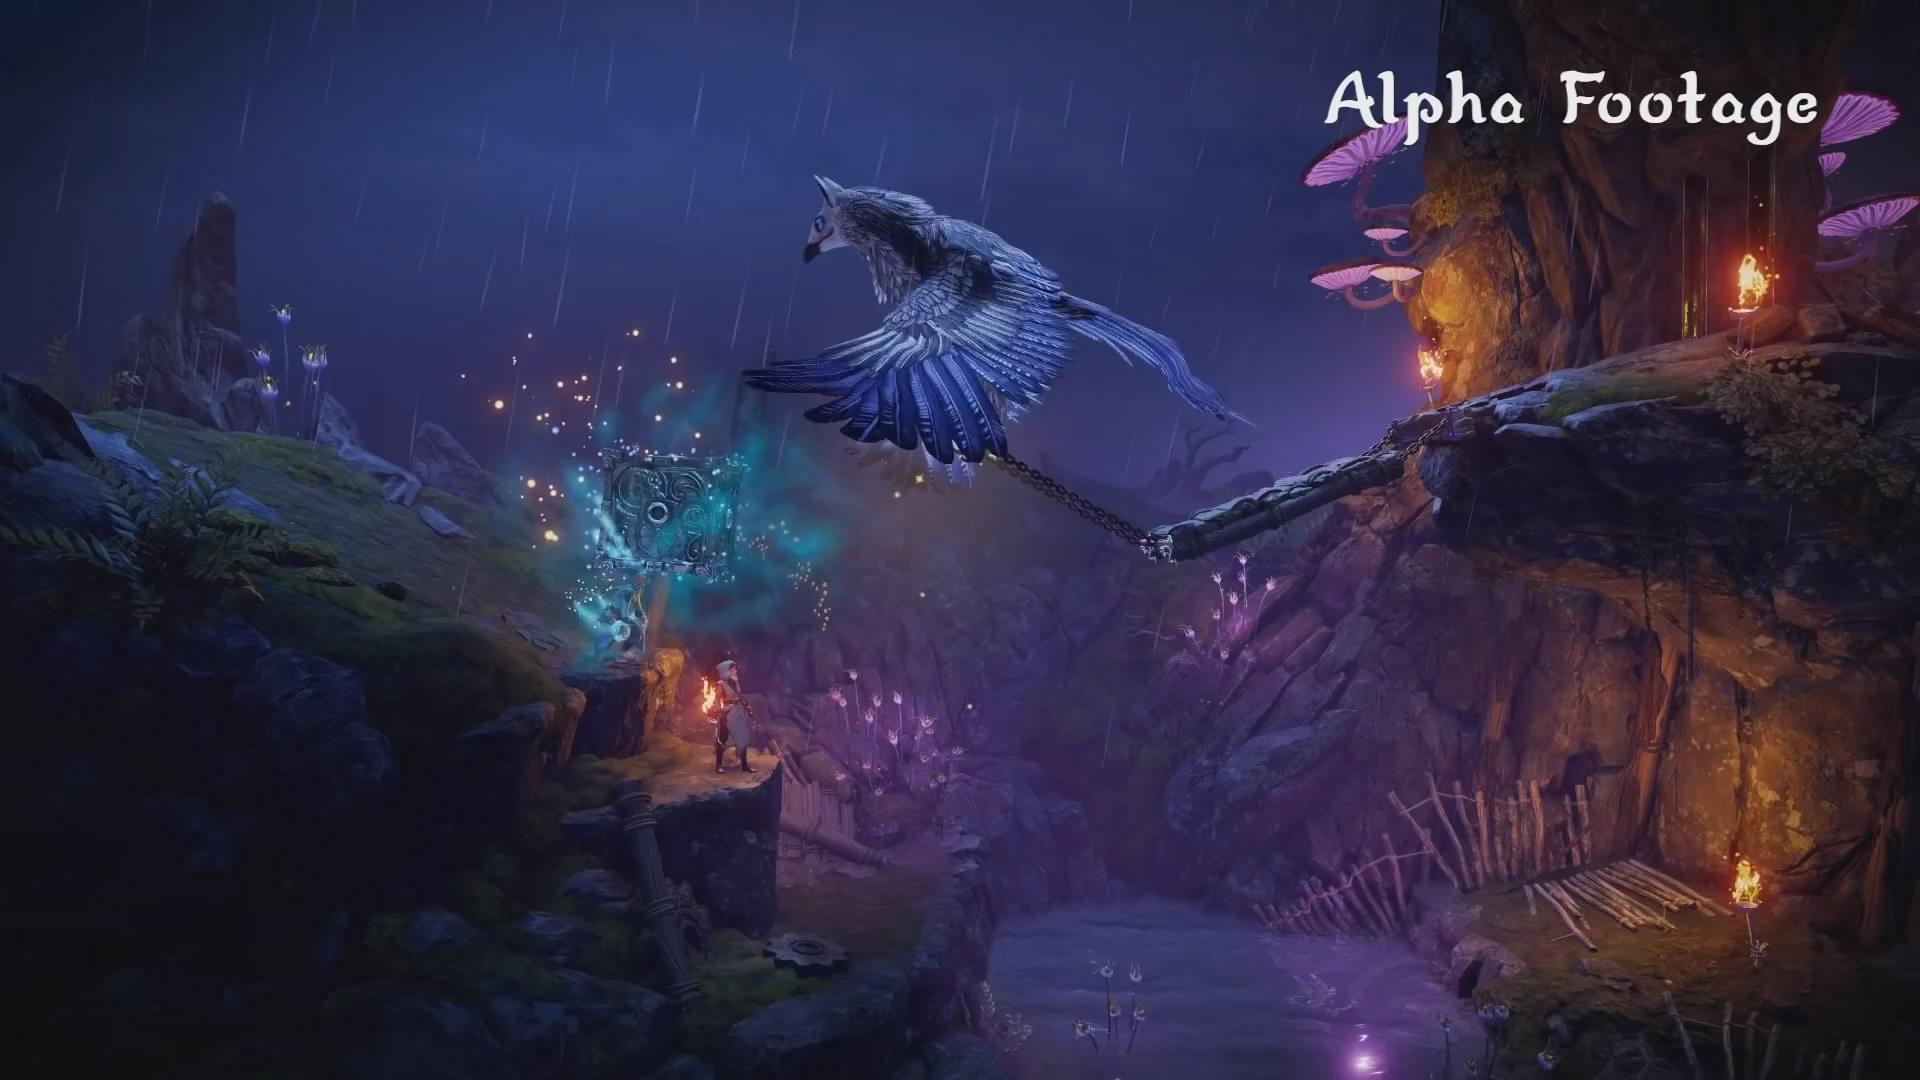 《三位一体4》新视频展示 这款游戏宏大美丽体验更佳